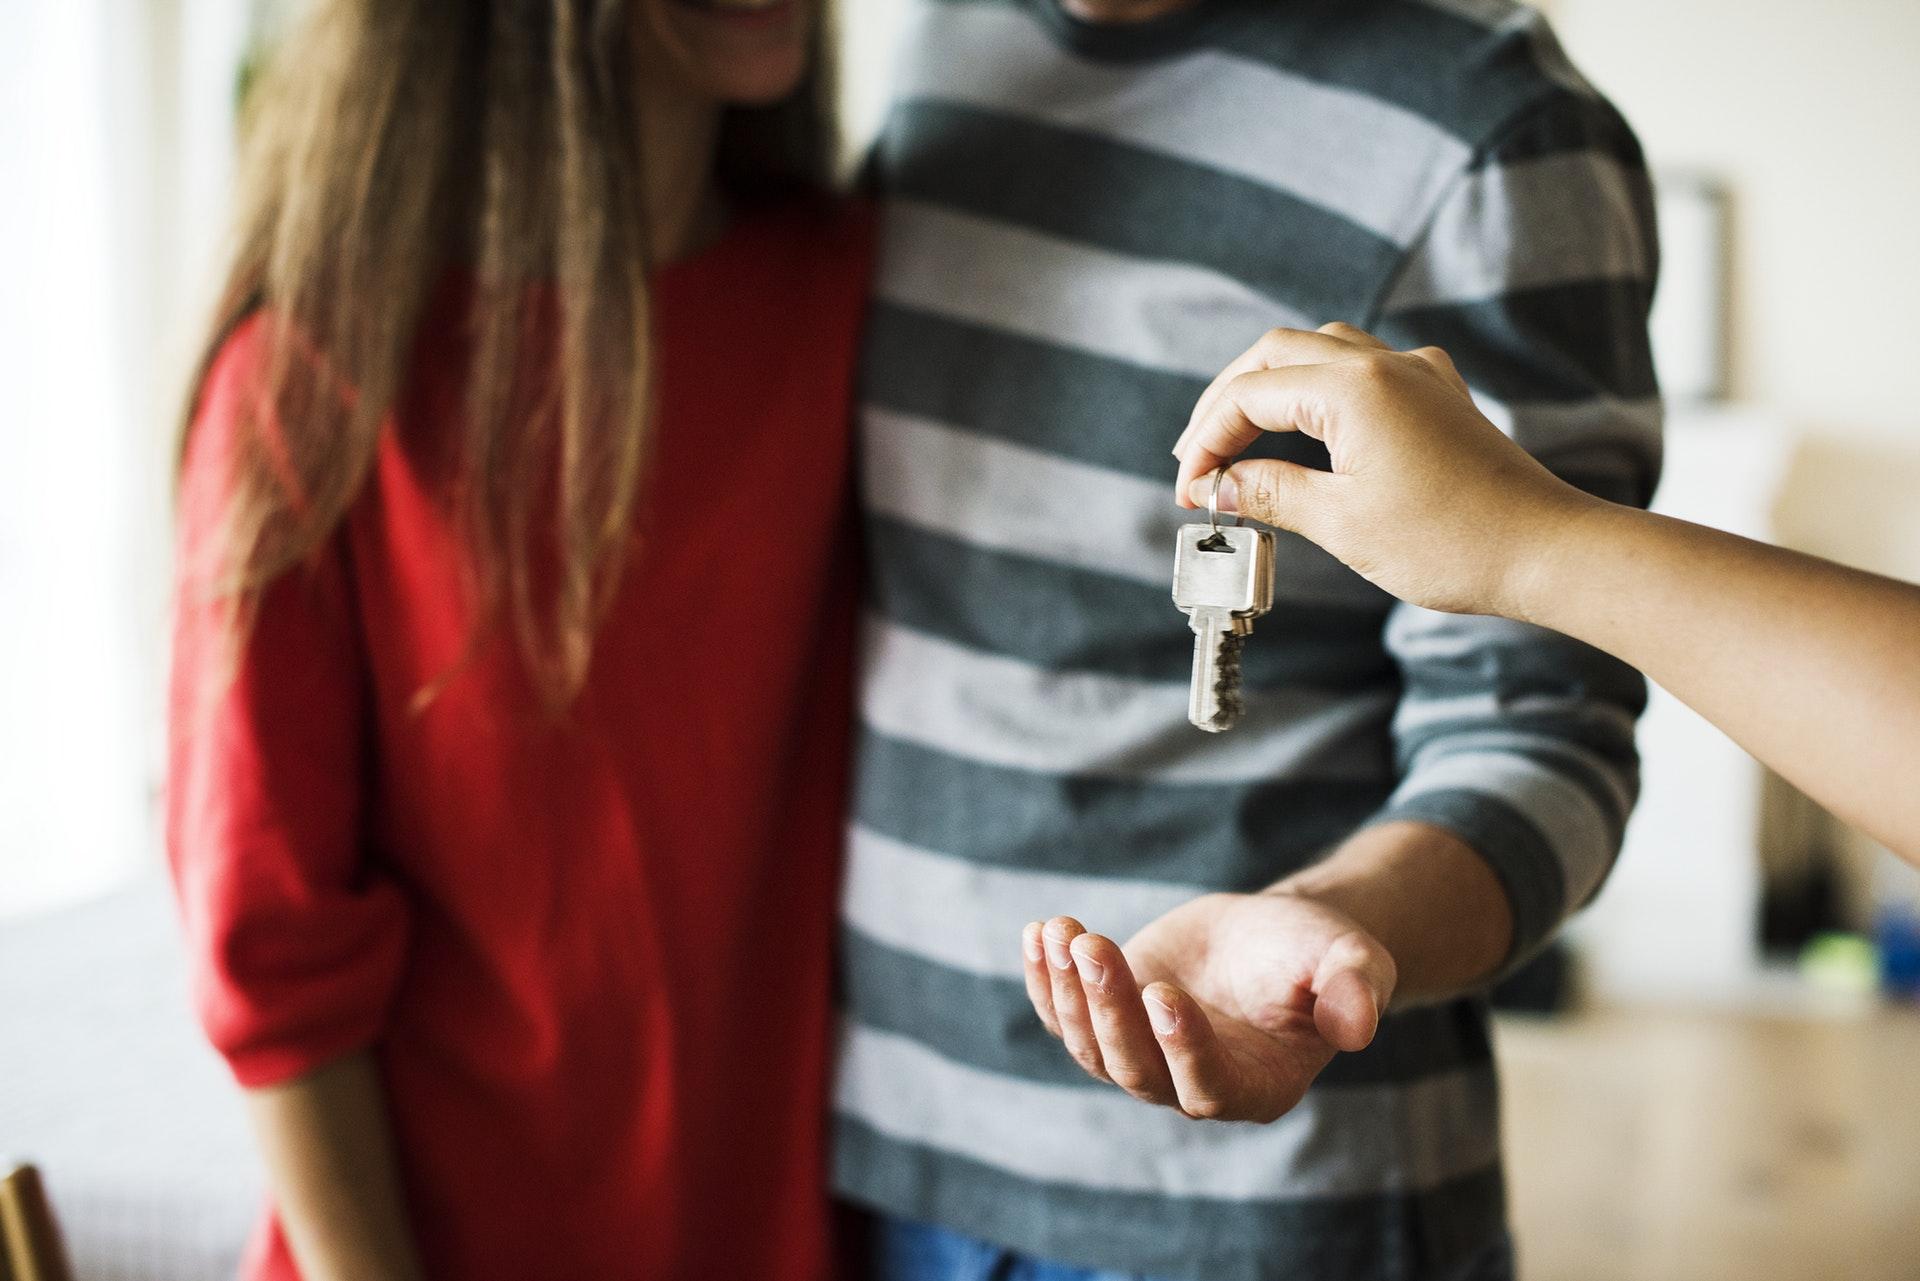 Bolig, boligportal, flytte, flyt, par, kærlighed, hus, hjem, bolig